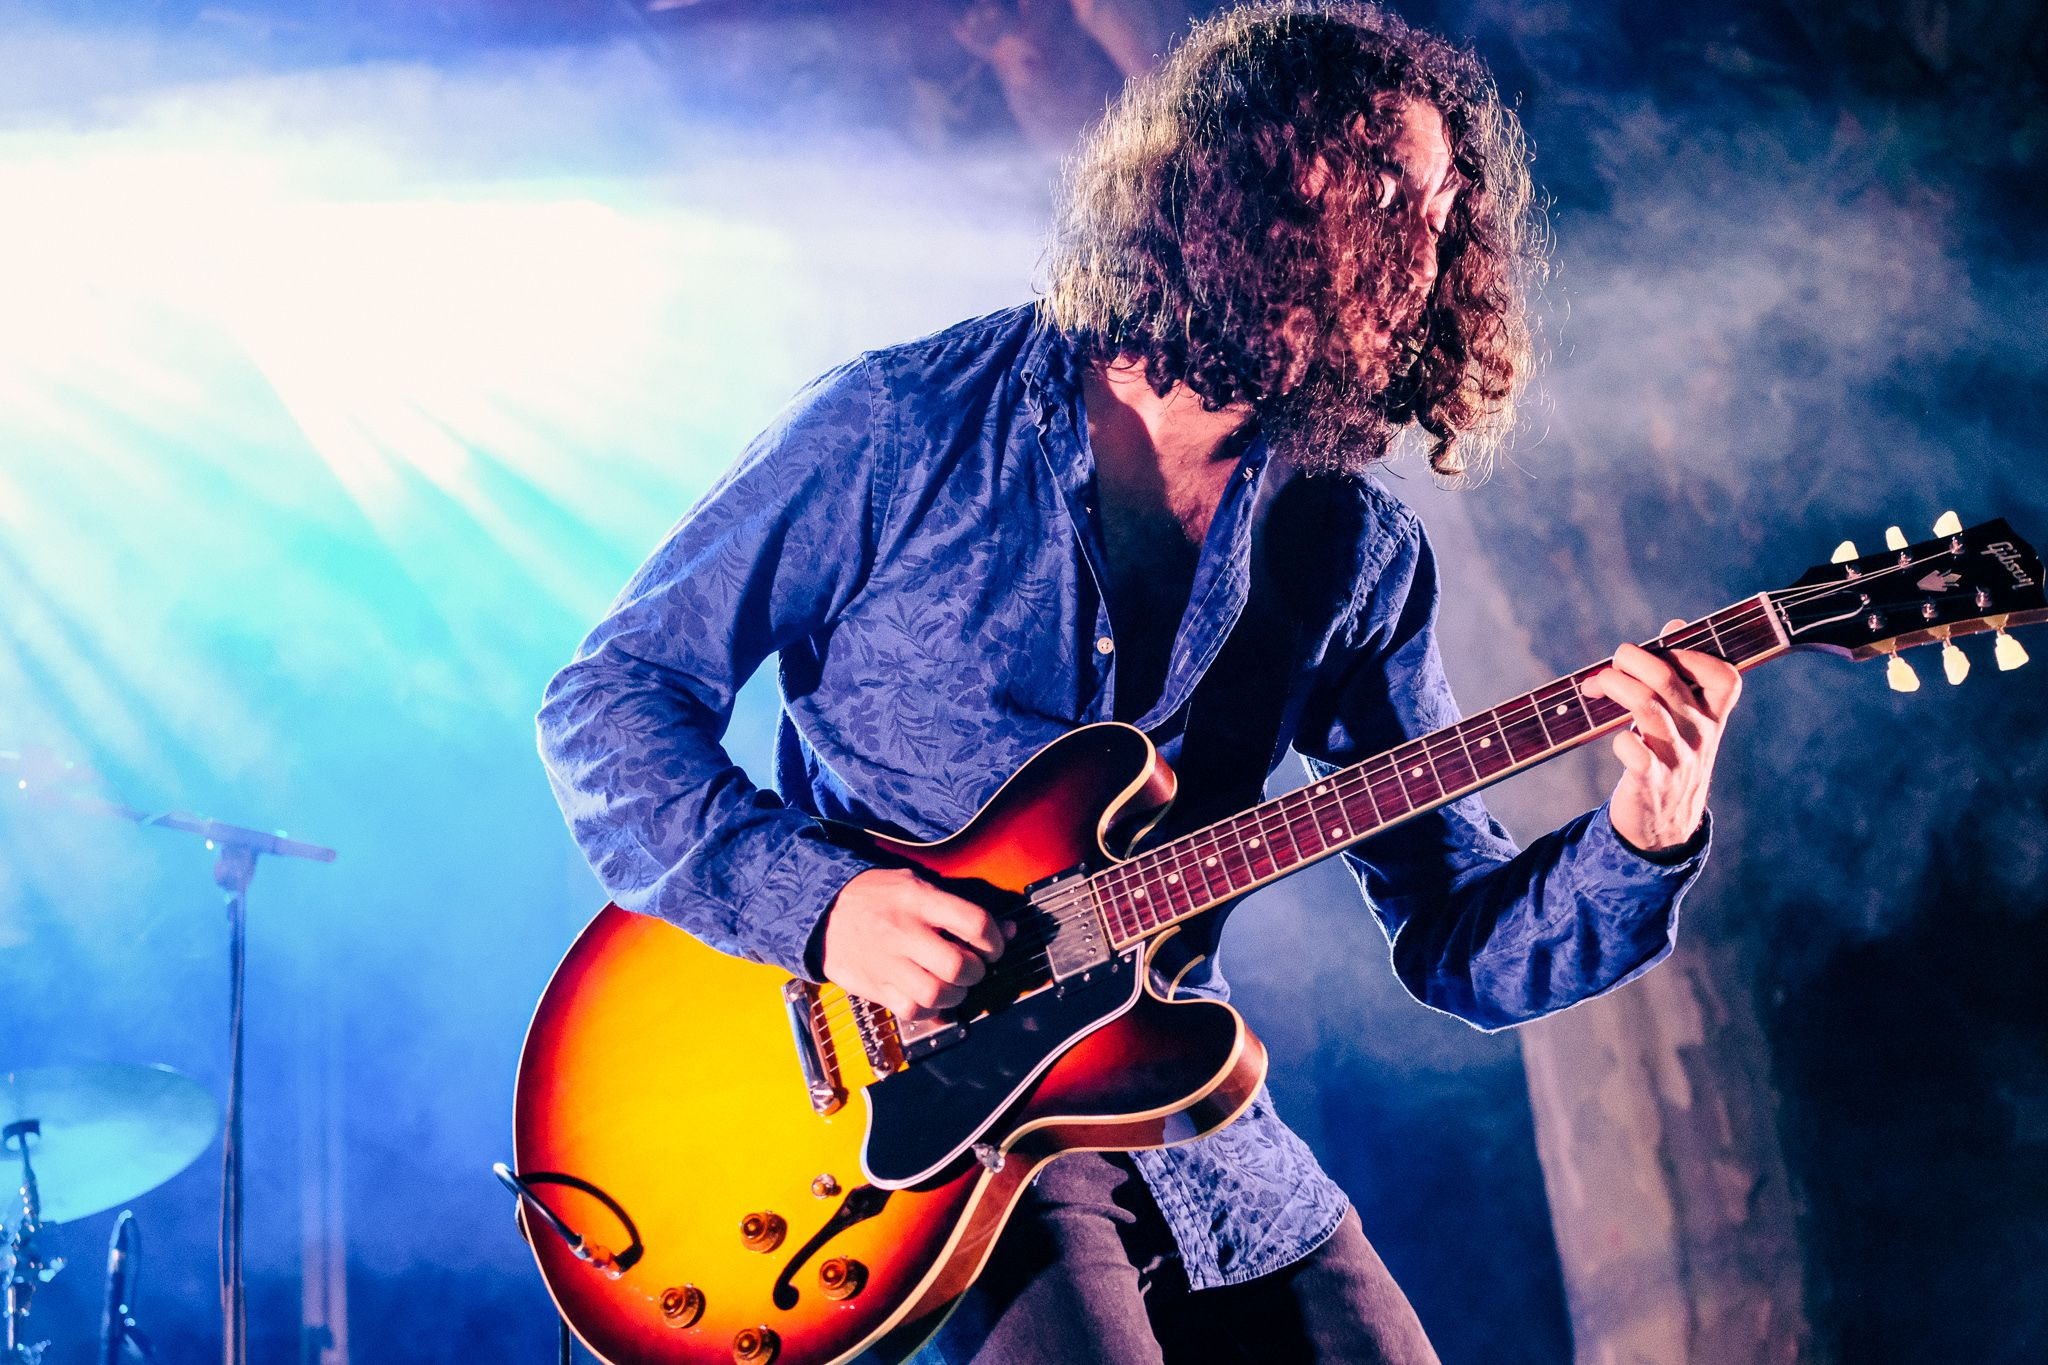 Detall del guitarrista del grup Kid Carlos. FOTO: Ale Gómez